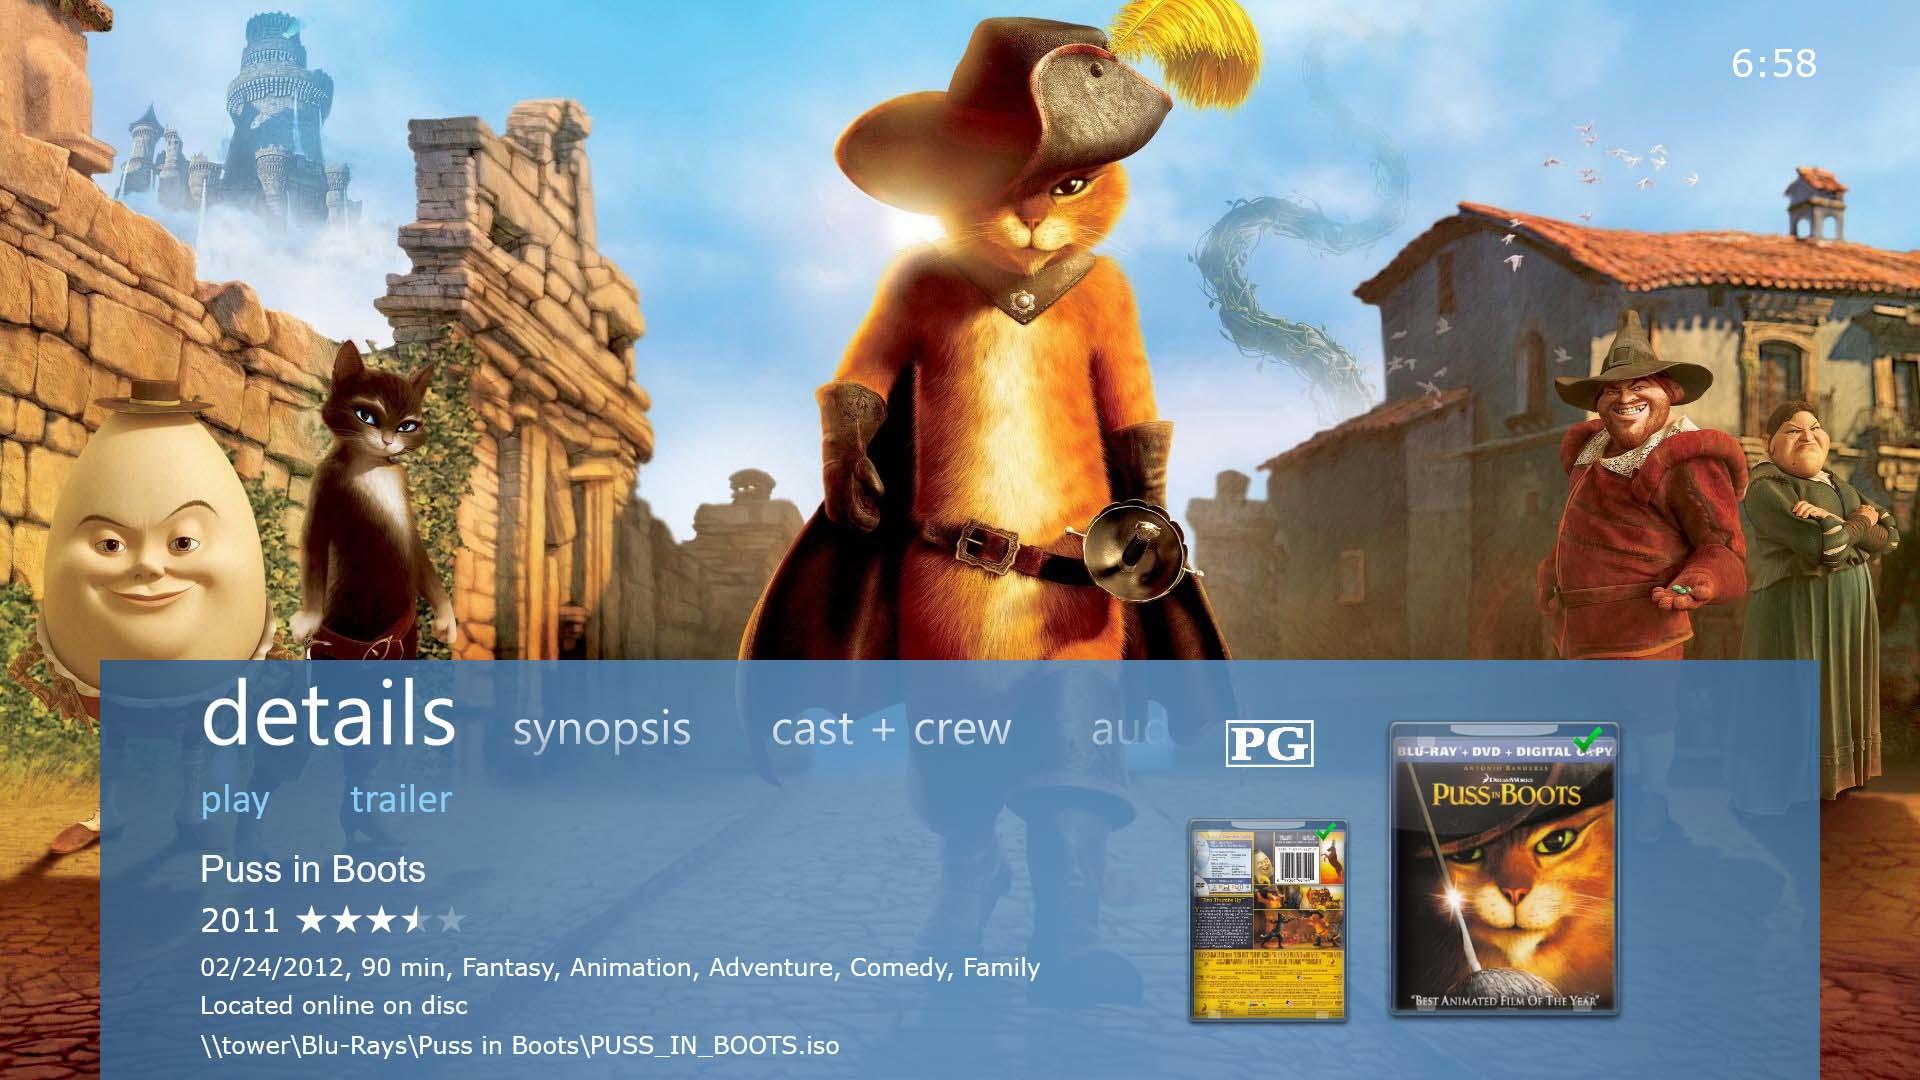 Explore movie details